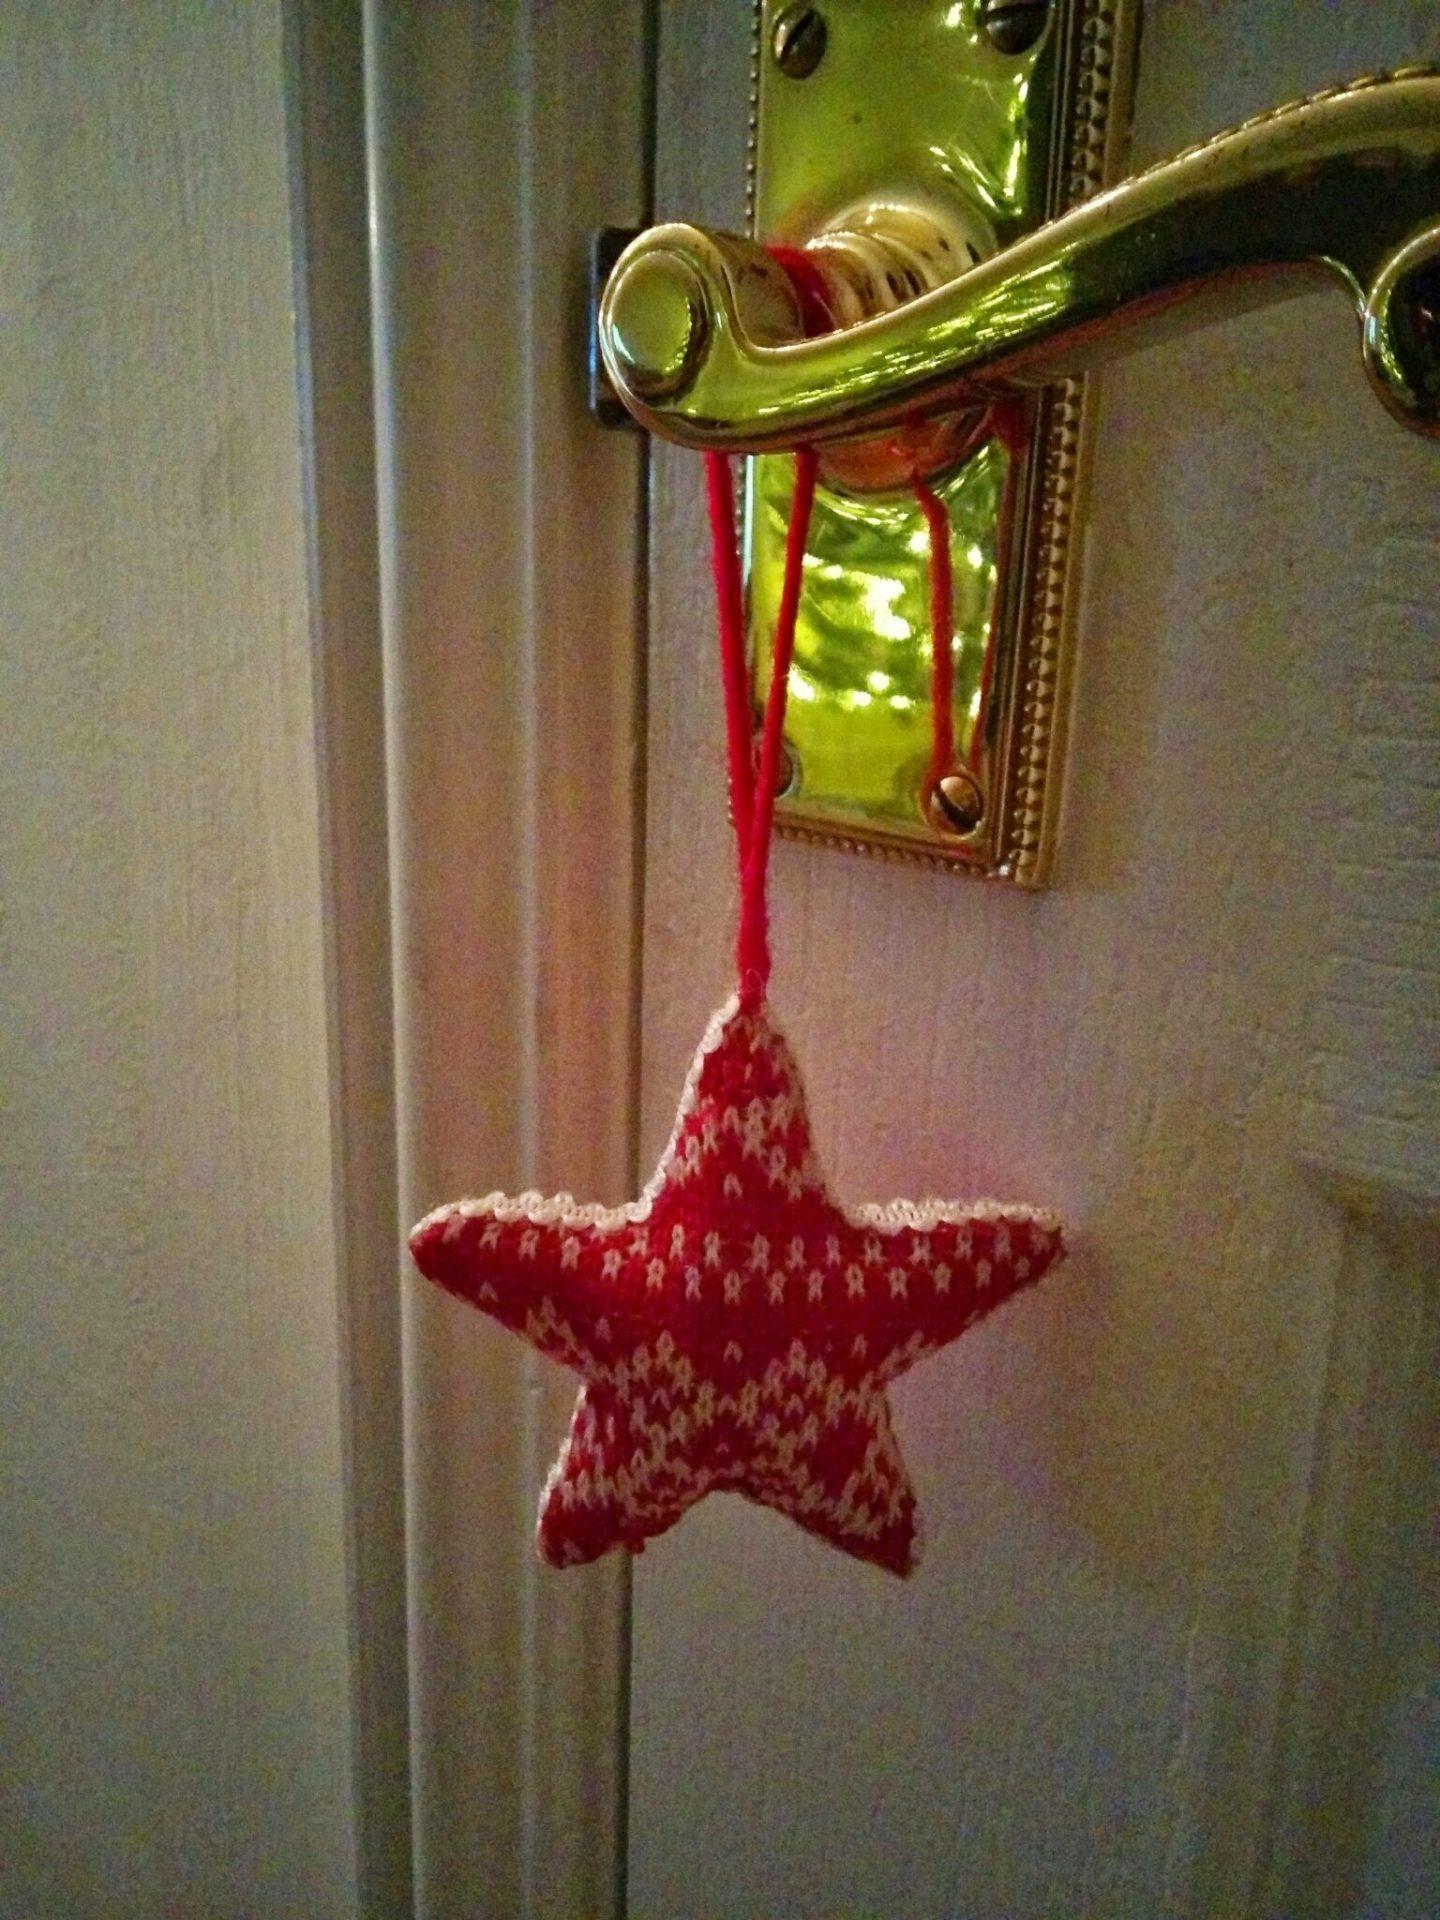 Door handle Christmas decorations